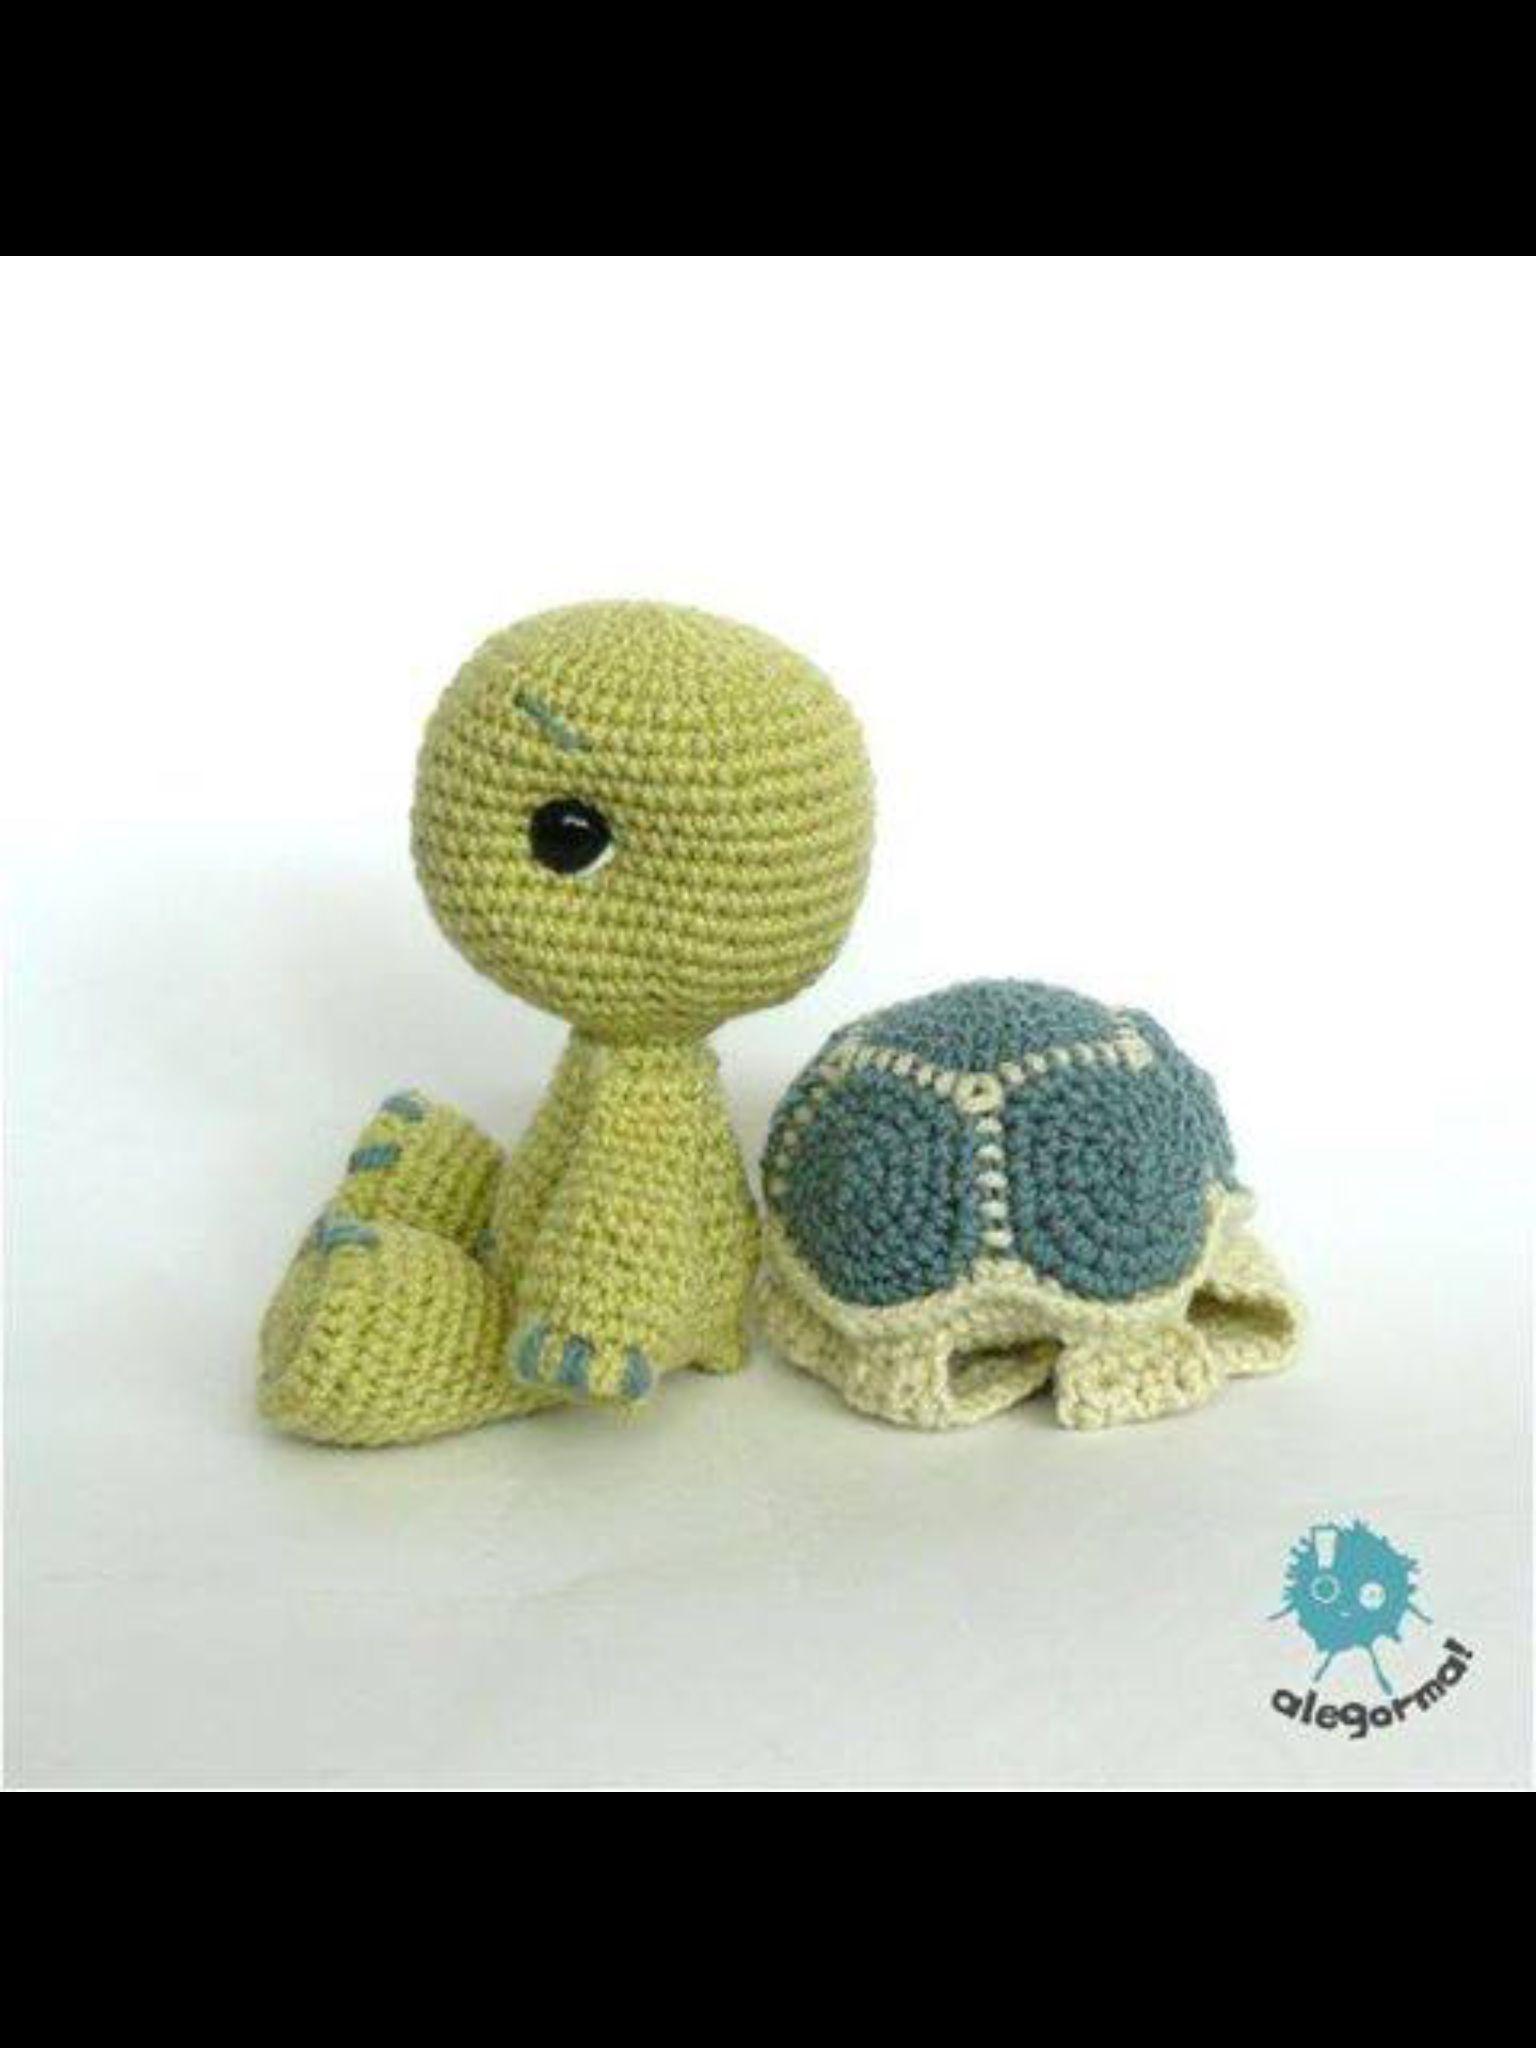 Schildpad Haken Speciaal Pinterest Amigurumi Crochet And